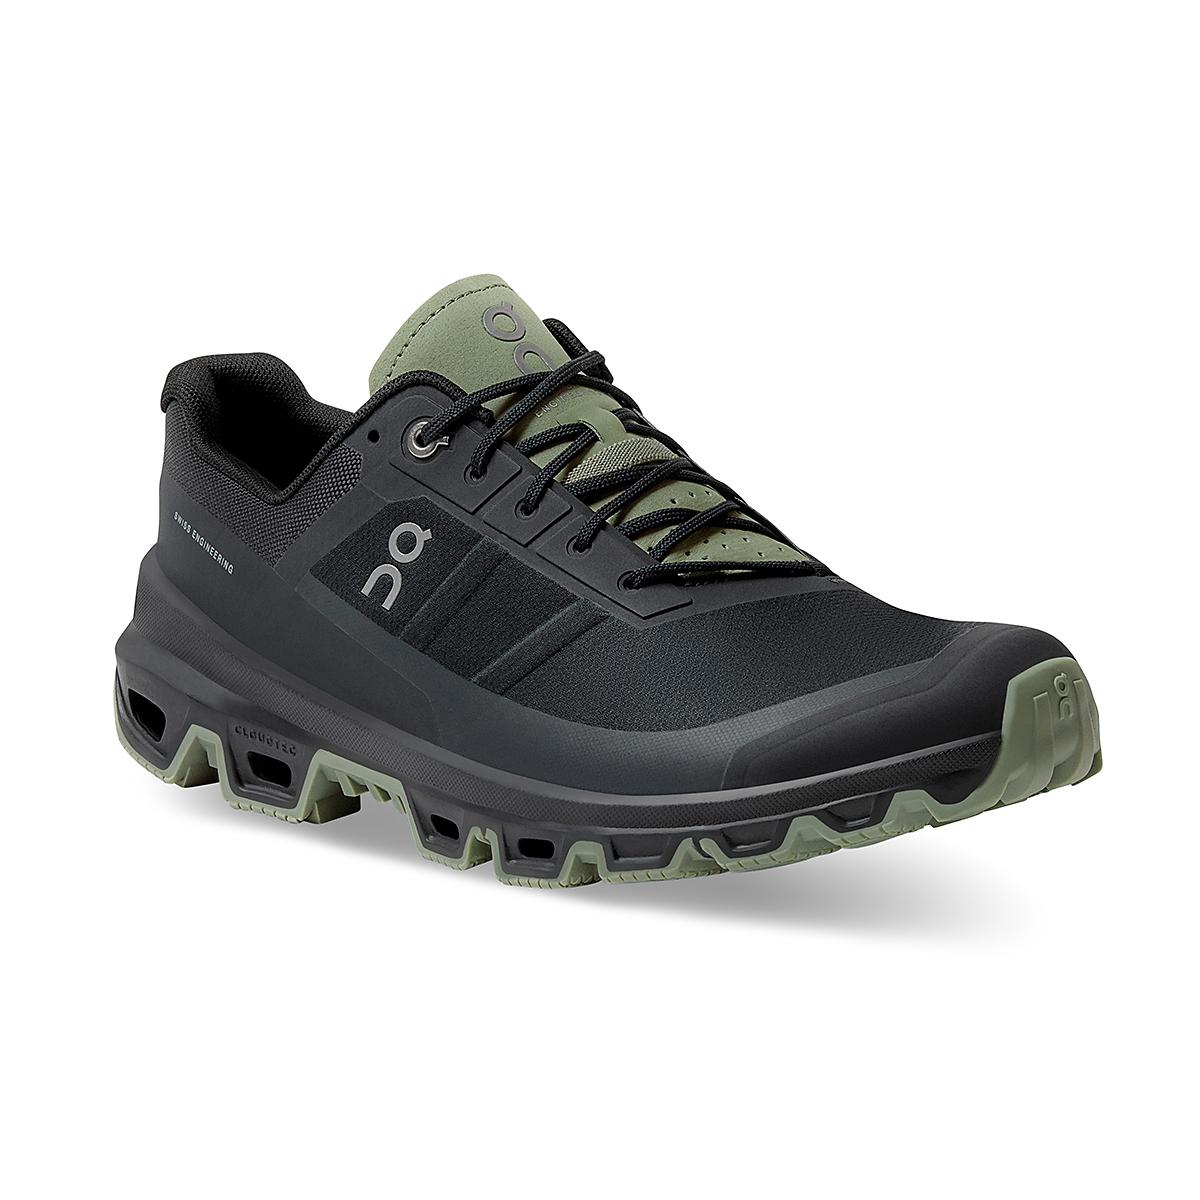 Men's On Cloudventure Running Shoe - Color: Black/Reseda - Size: 7 - Width: Regular, Black/Reseda, large, image 3